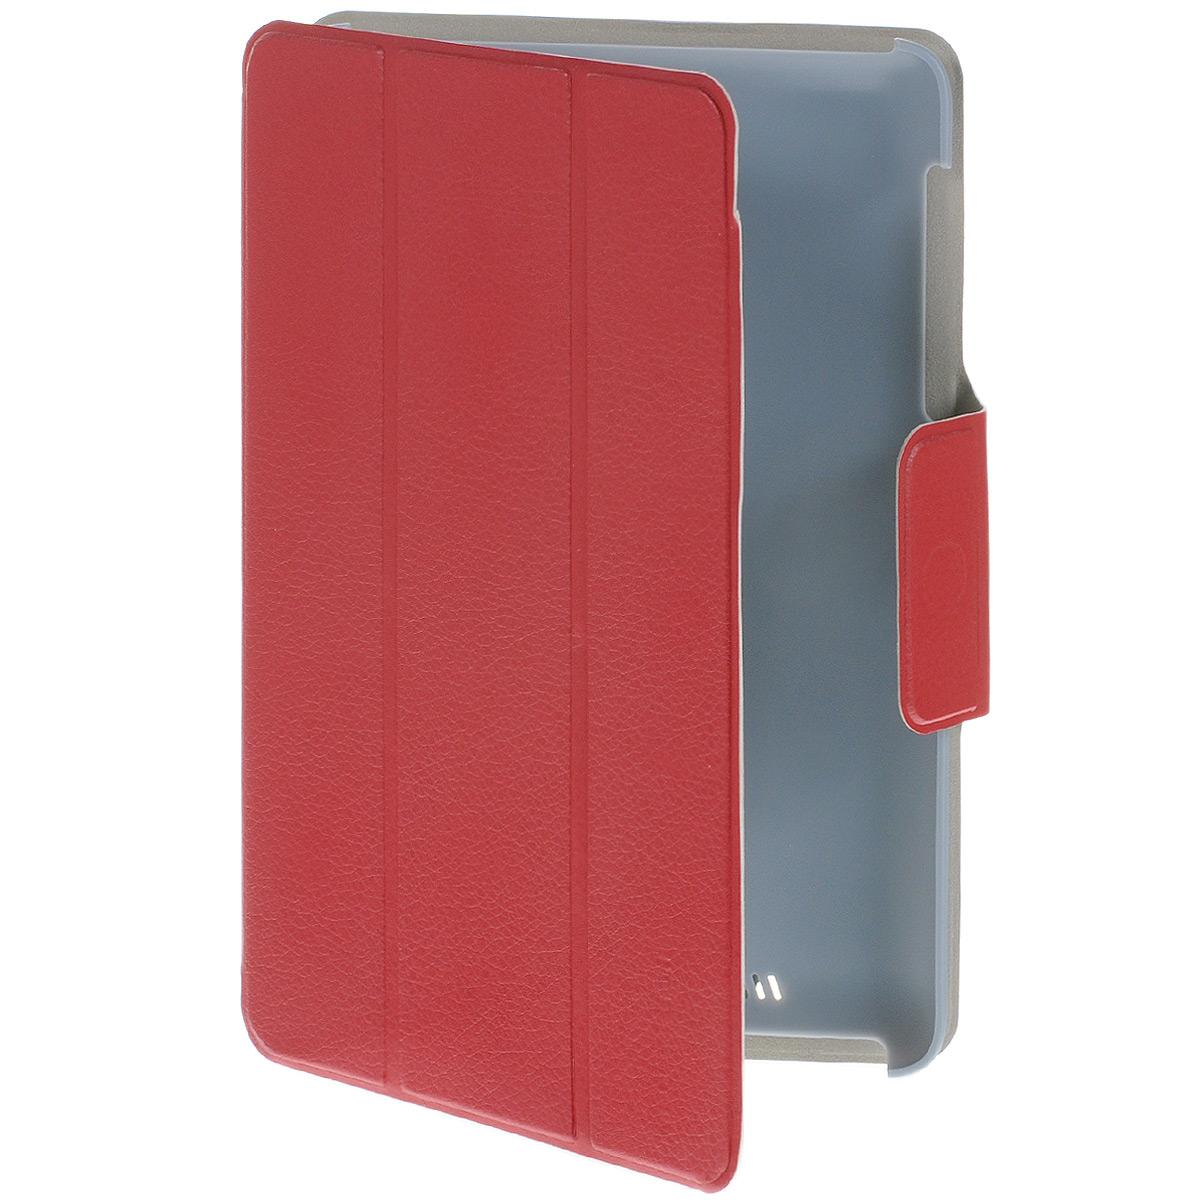 IT Baggage Hard case чехол для Asus Nexus 7, RedITASNX703-3IT BAGGAGE Чехол для планшета ASUS NEXUS 7 Hard case искус. кожа красный 3 мес